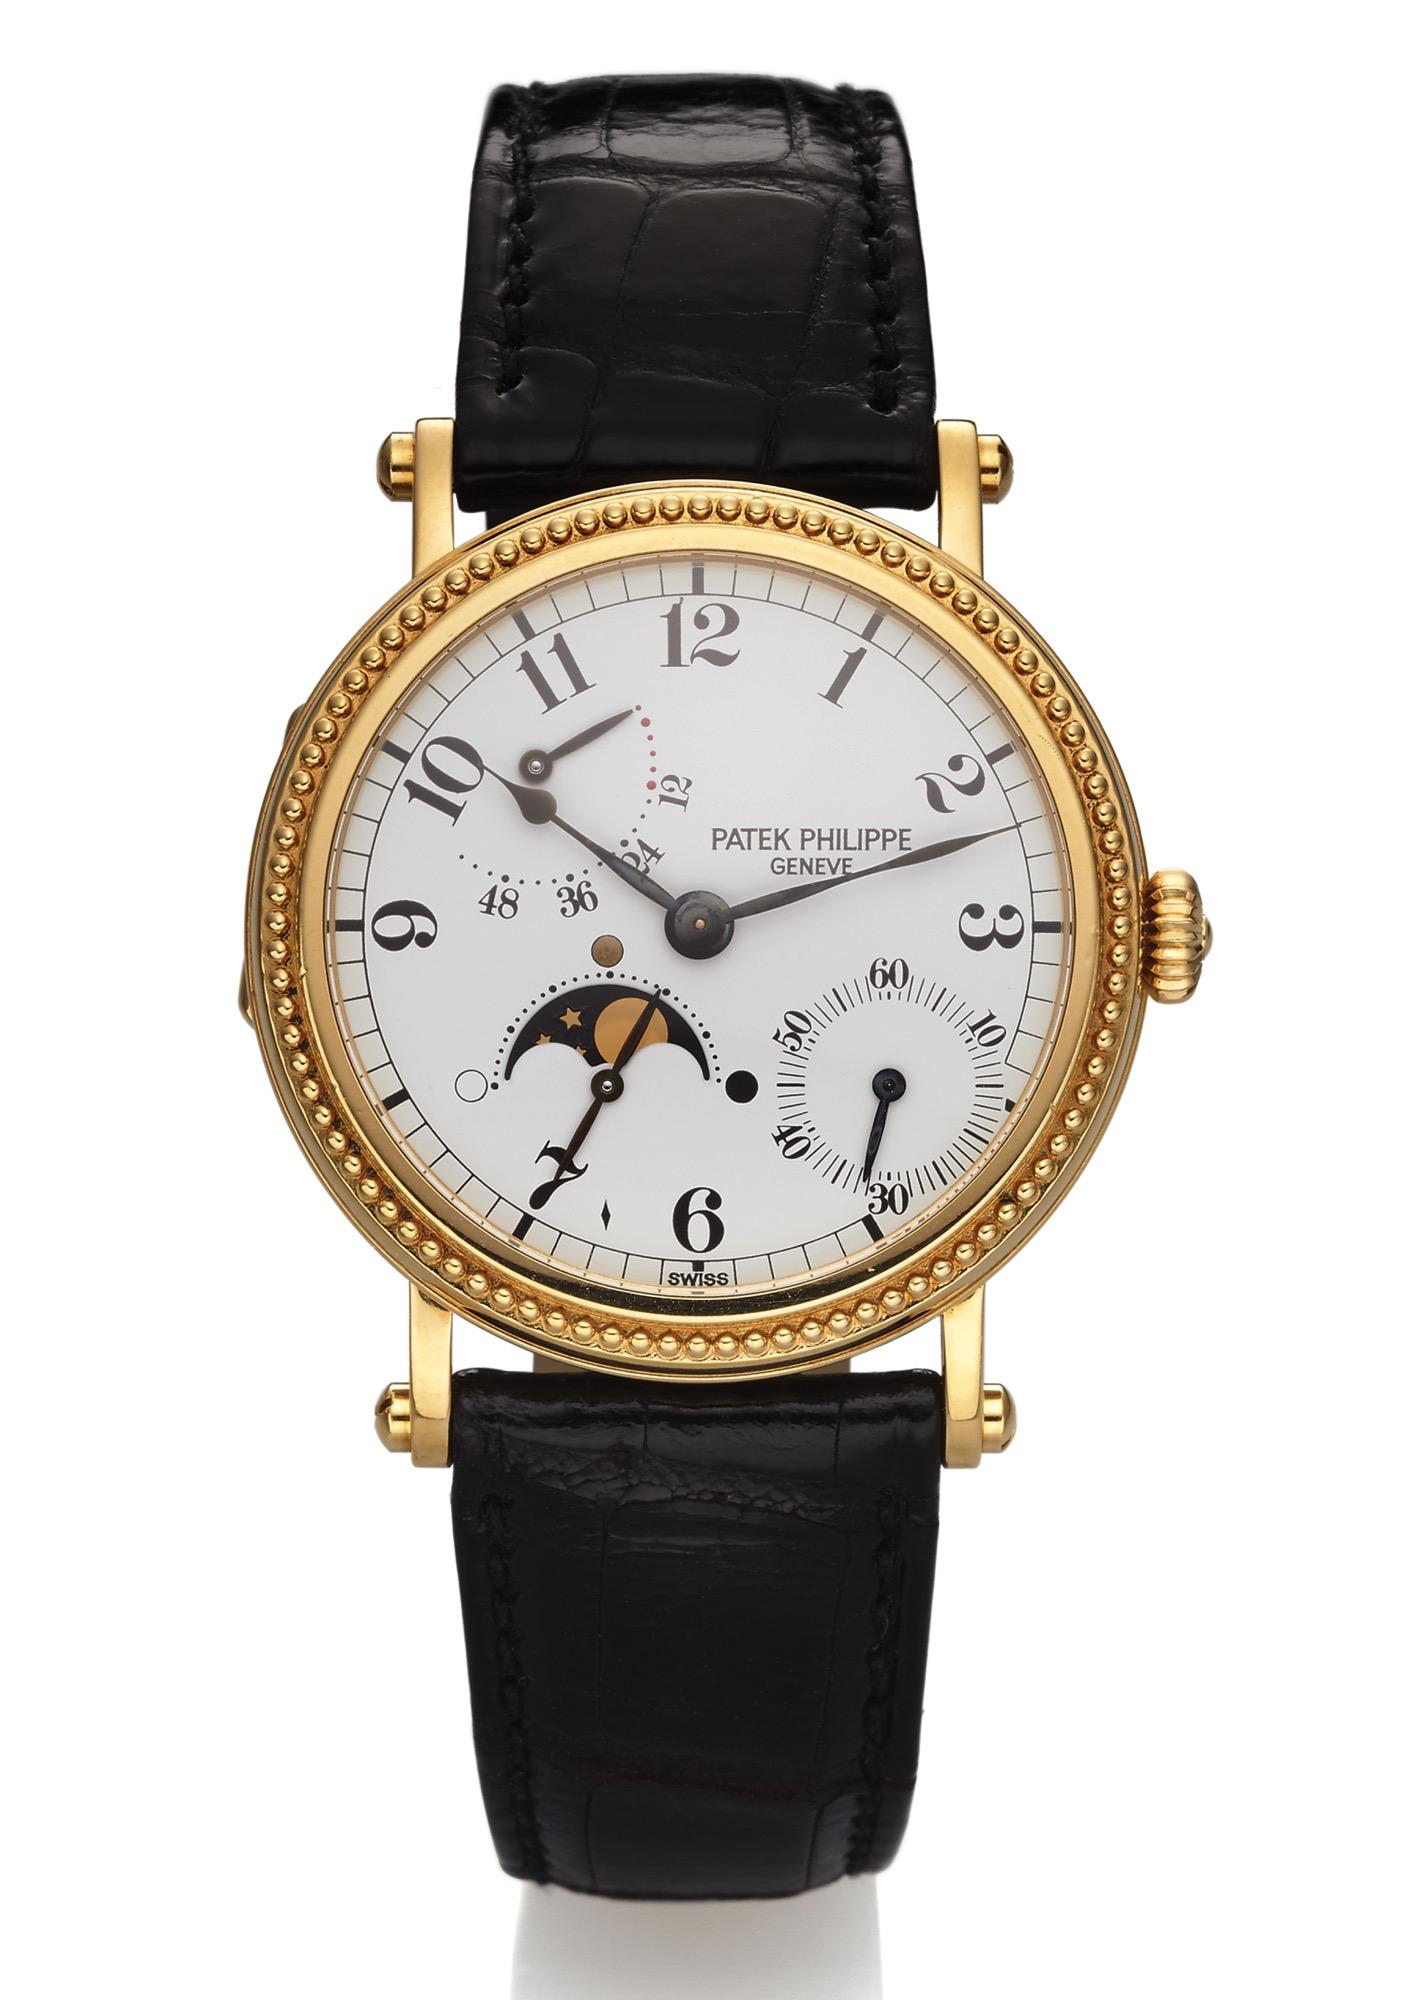 основе такого часы patek philippe geneve swiss Коко